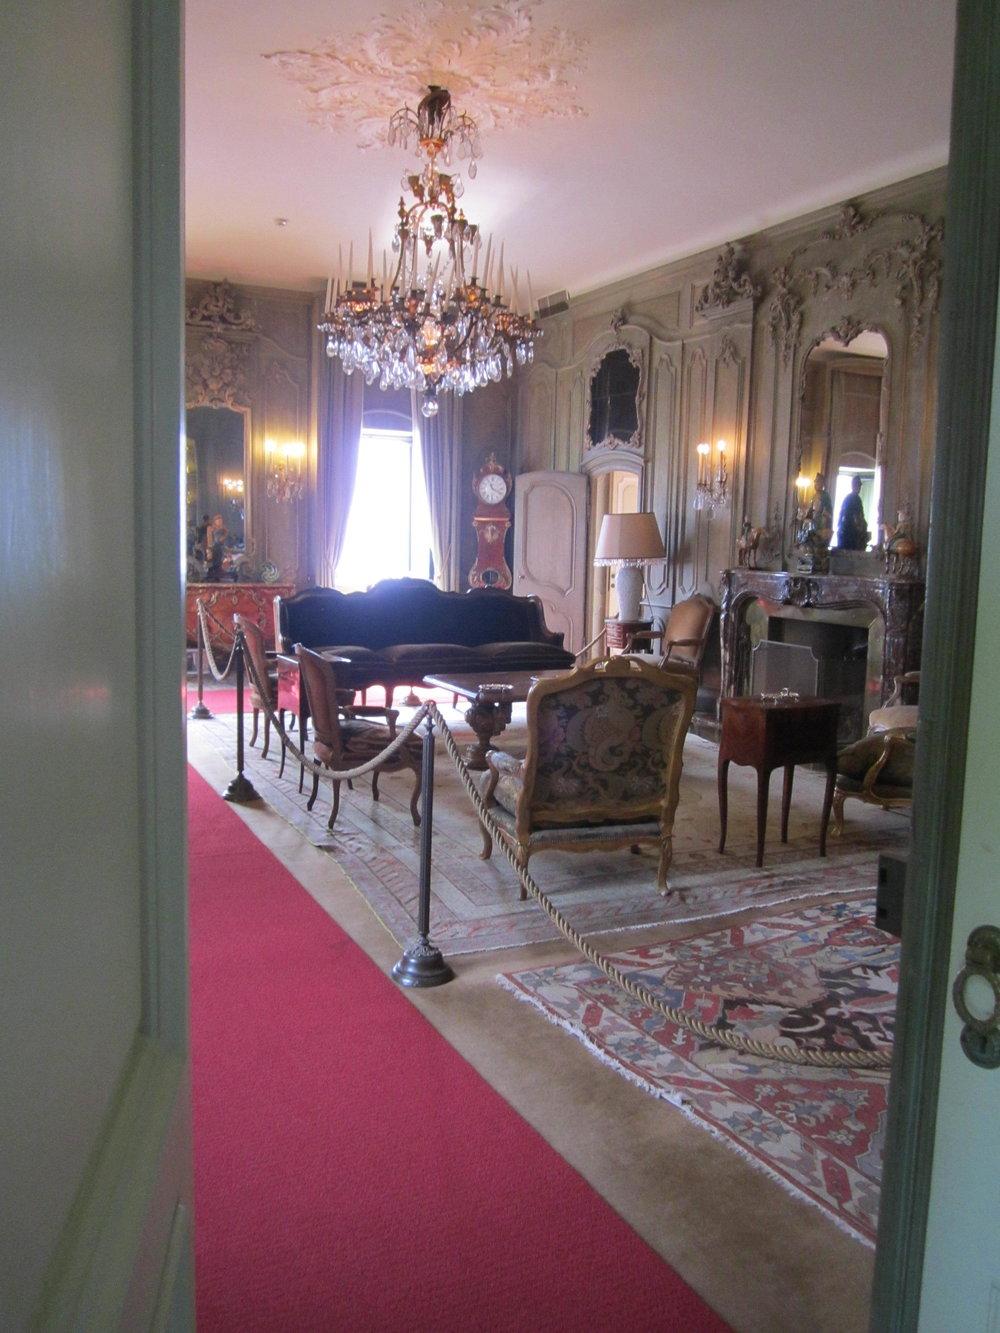 Sitting room inside the villa